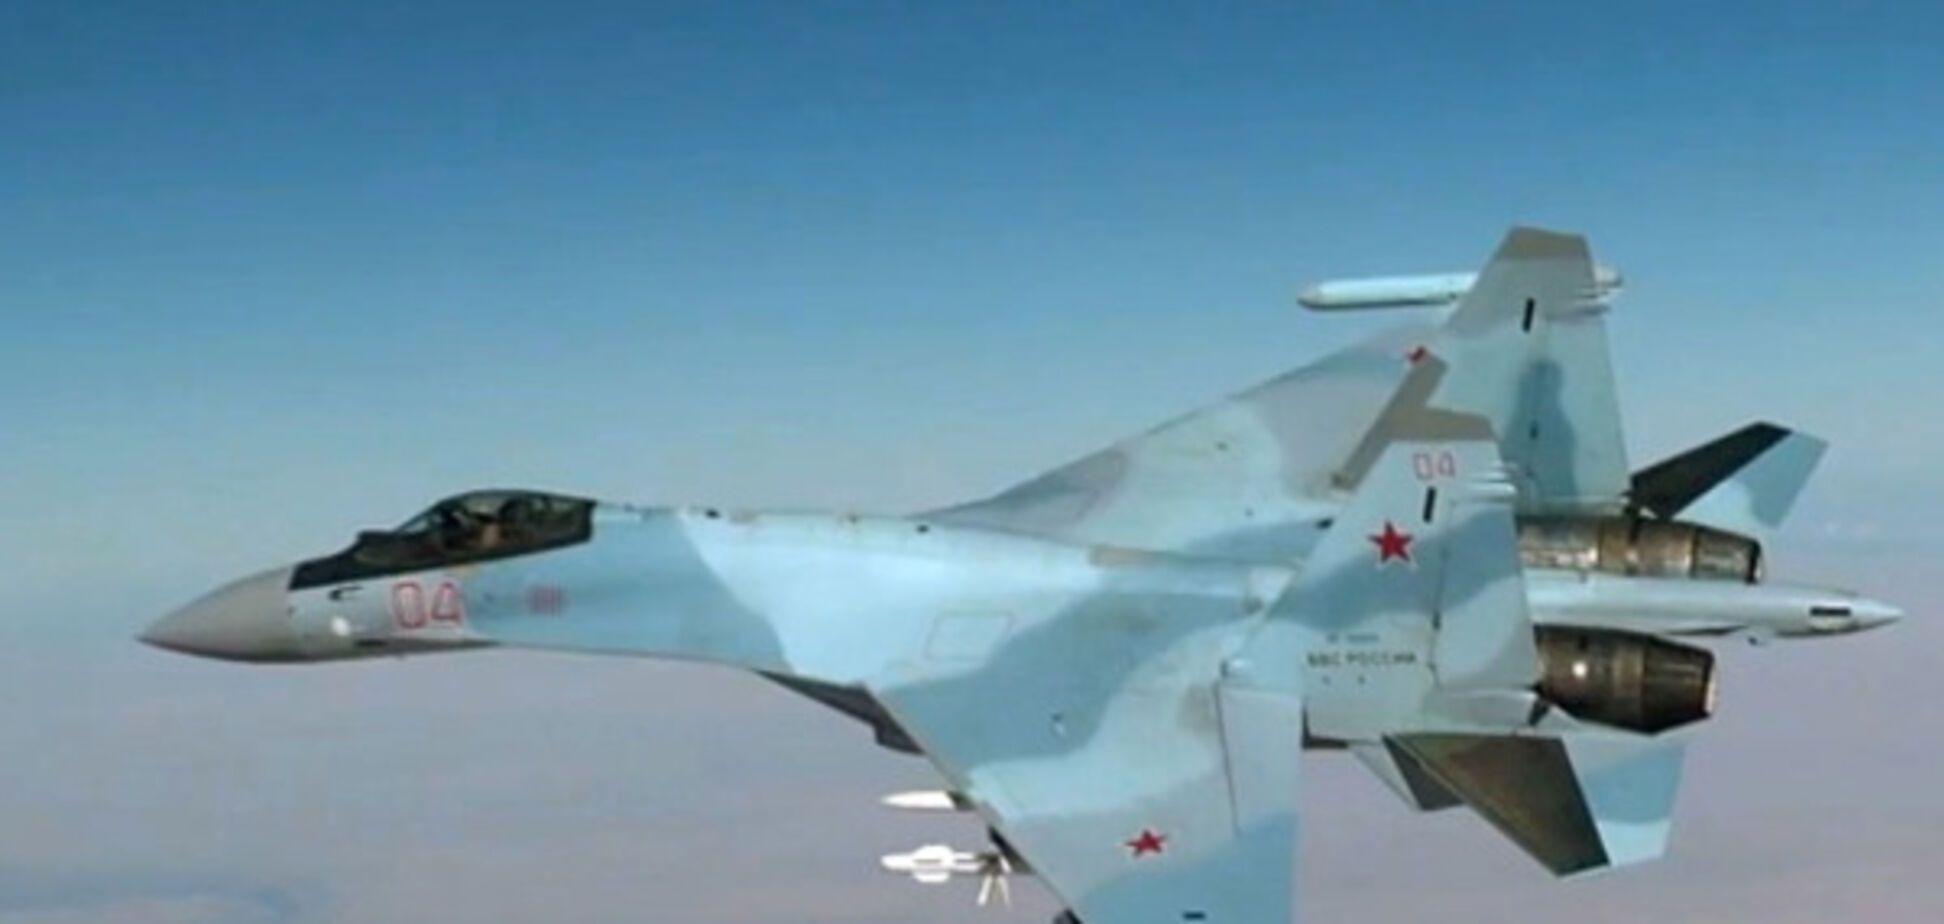 сирия бомбардировщик адмирал кузнецов